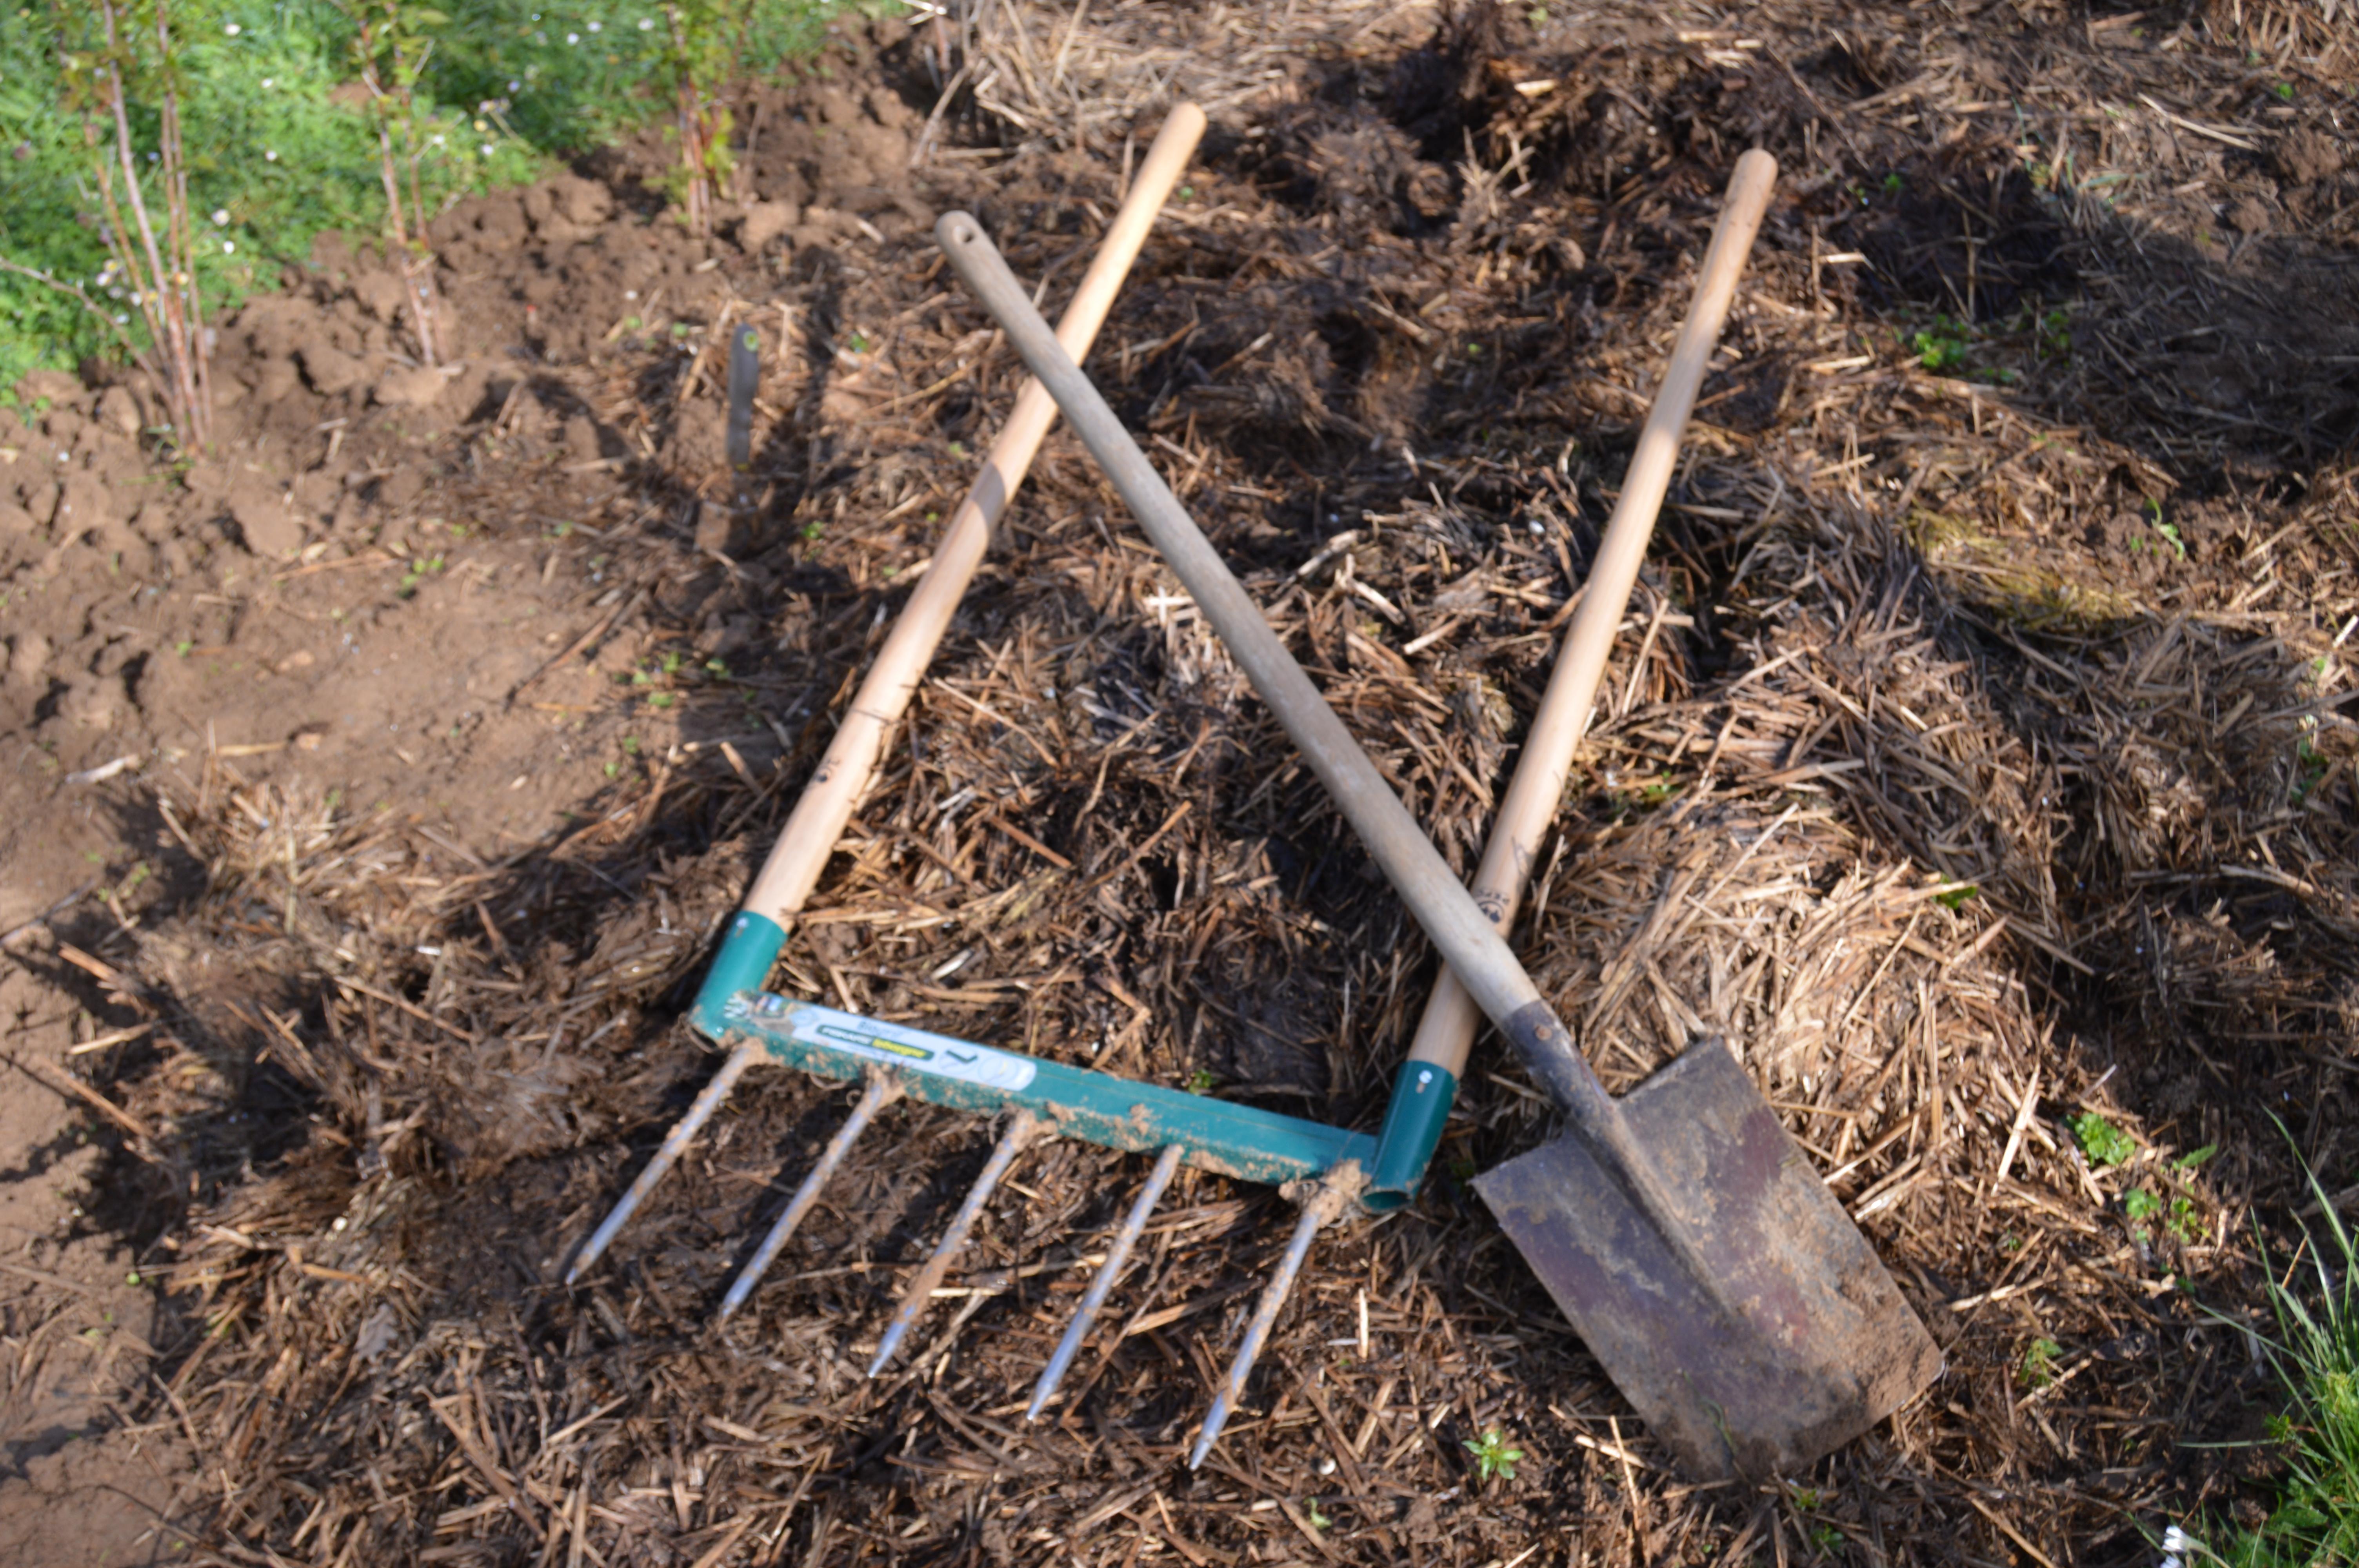 Grelinette pelle beche le match jardins non remarquables - Beche de jardin ...